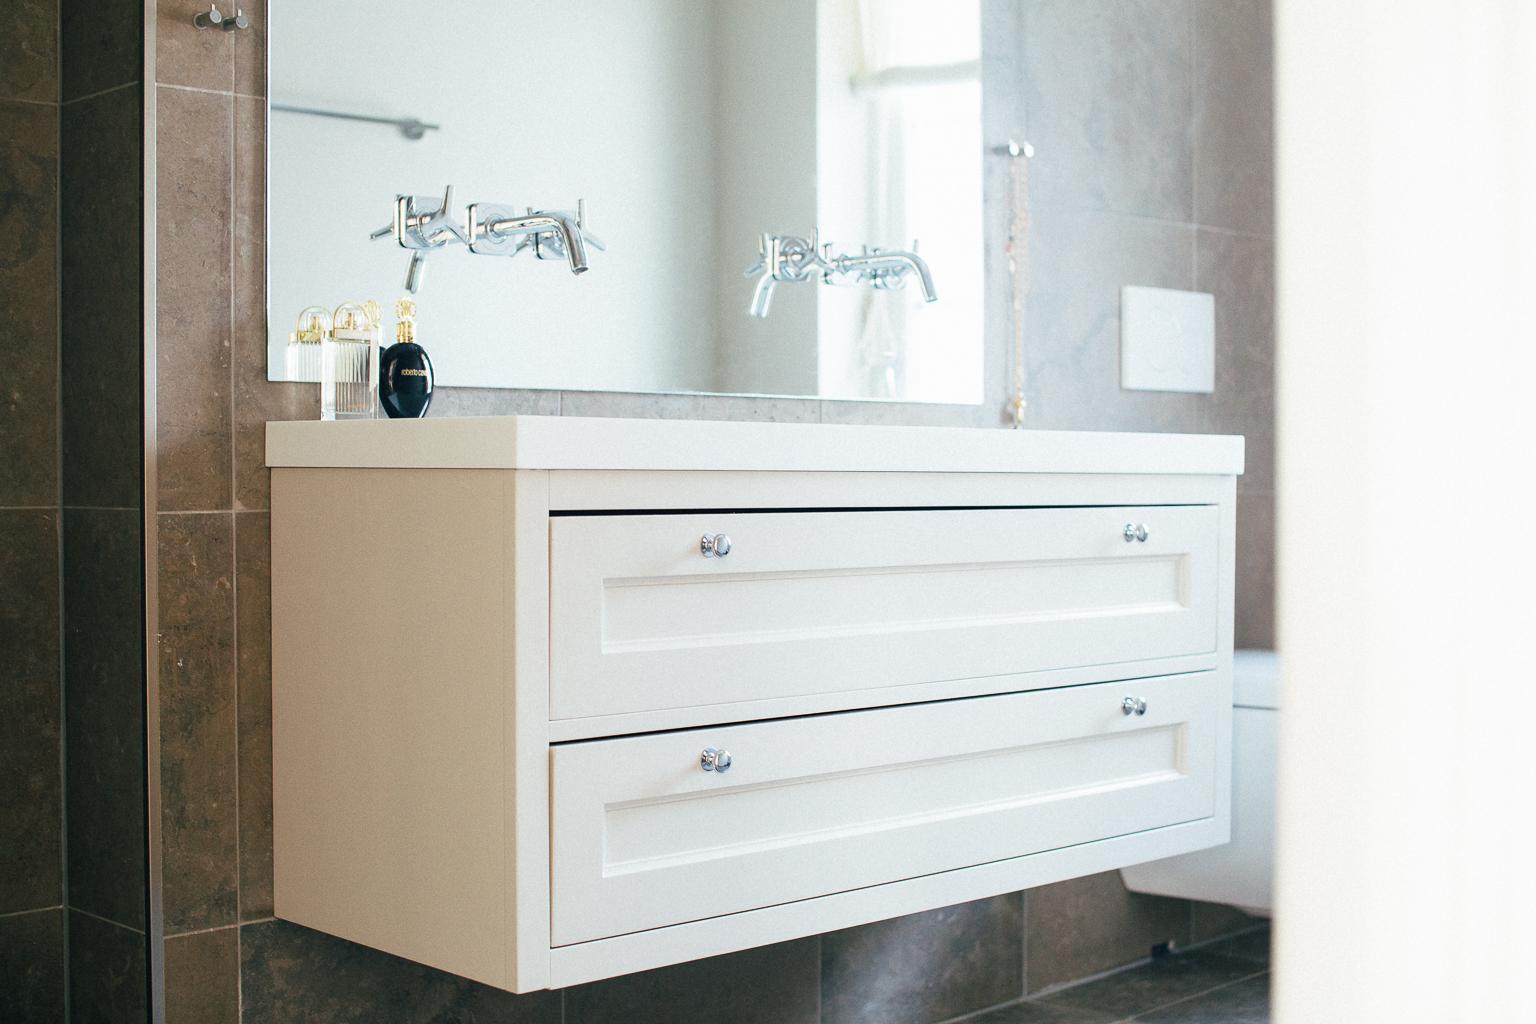 Baderomsseksjonen har gode skuffeløsninger og en lang vask støpt i hvit Corian.